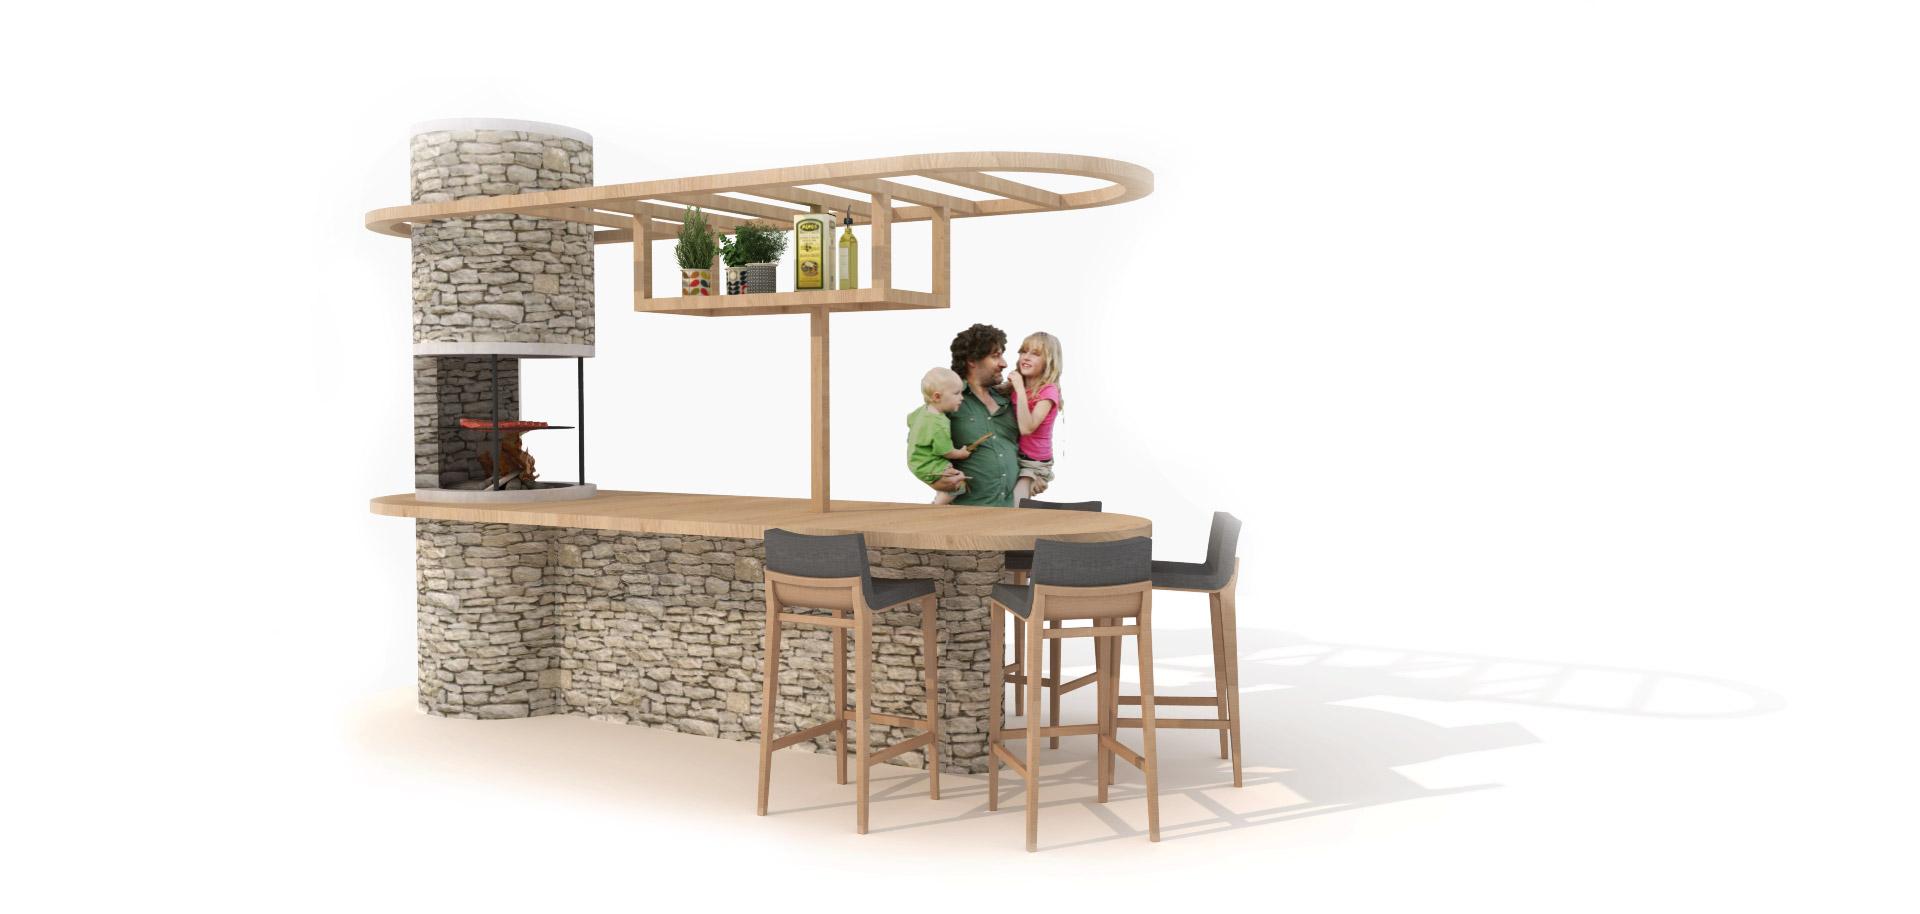 Buitenkeuken design concept